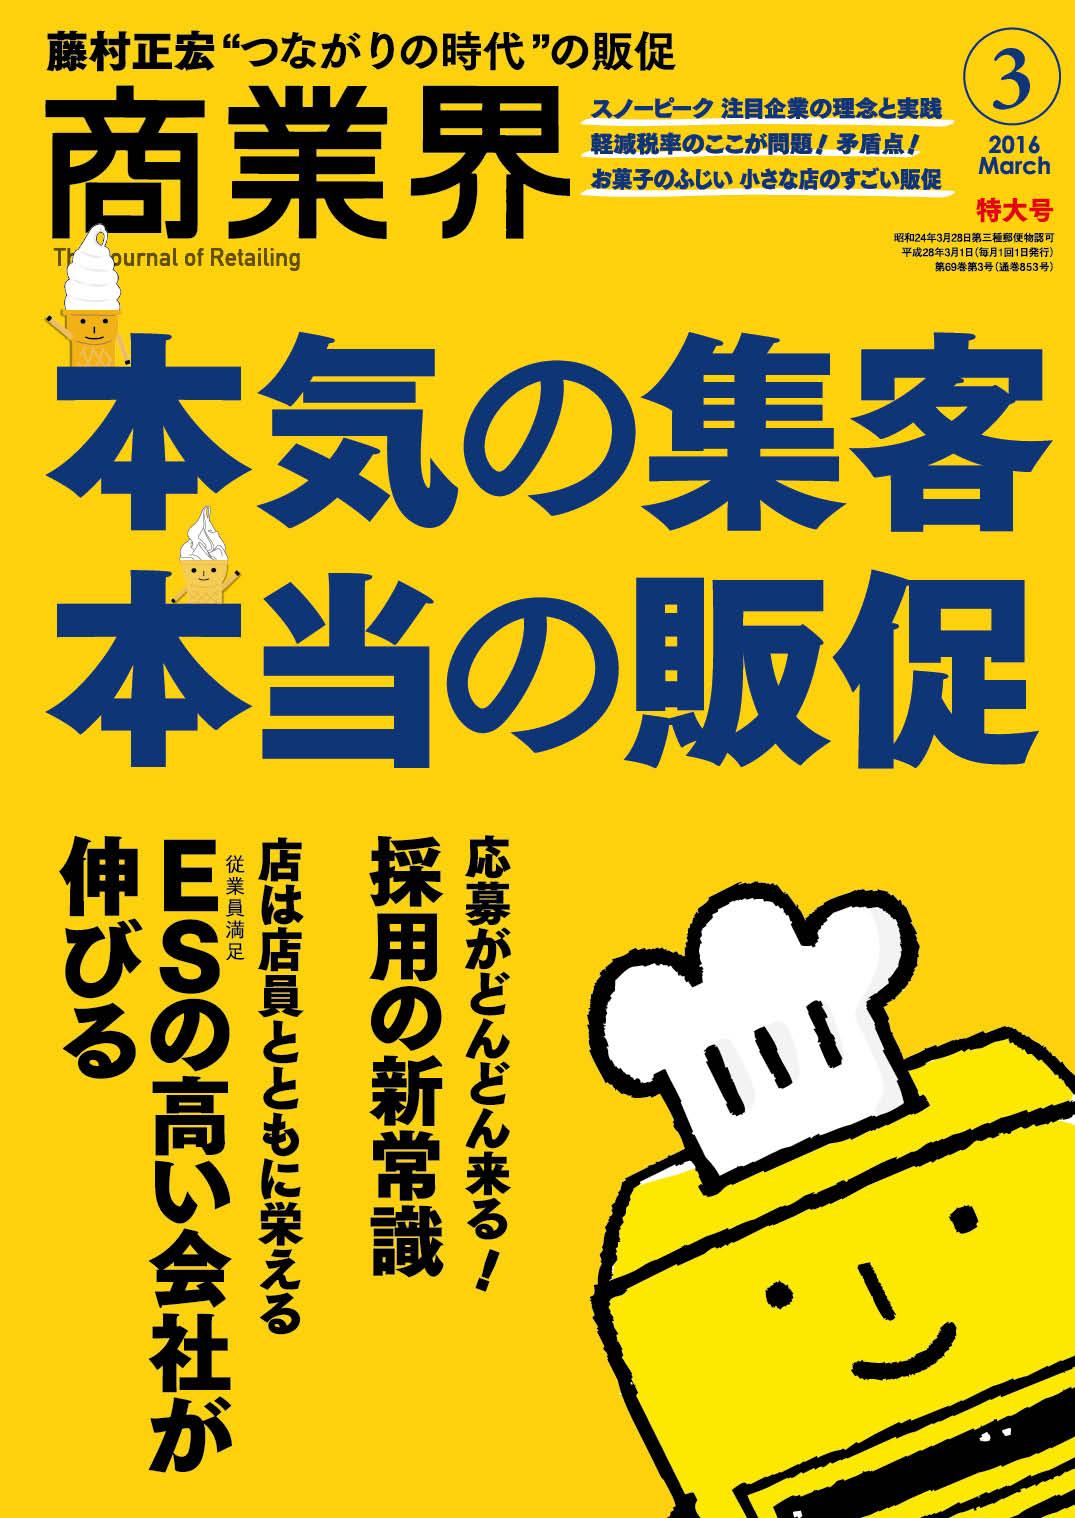 2016,3号 2月1日発売!